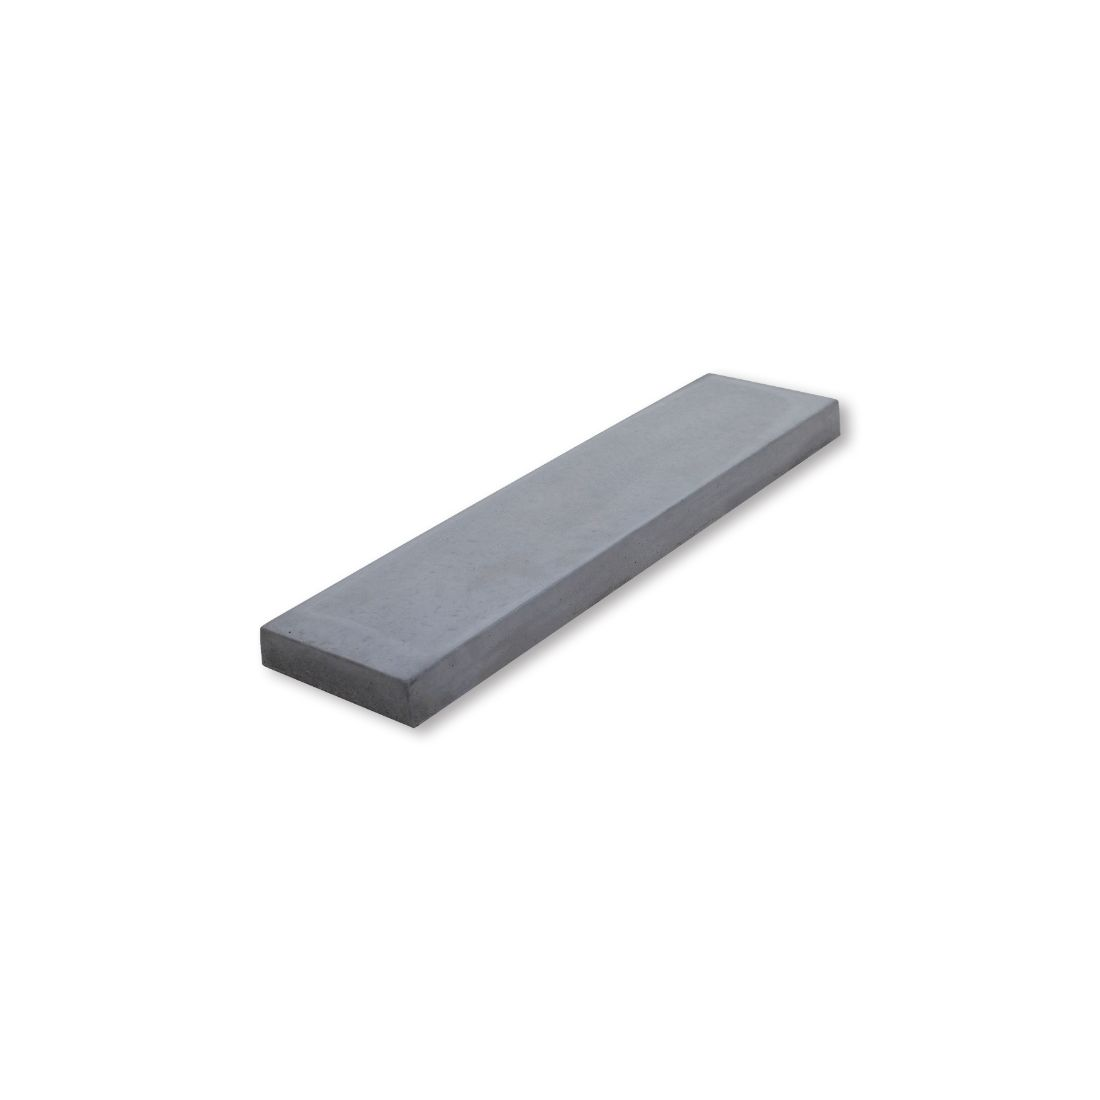 Milano Concrete Paver 600 x 150 x 37mm Grey River